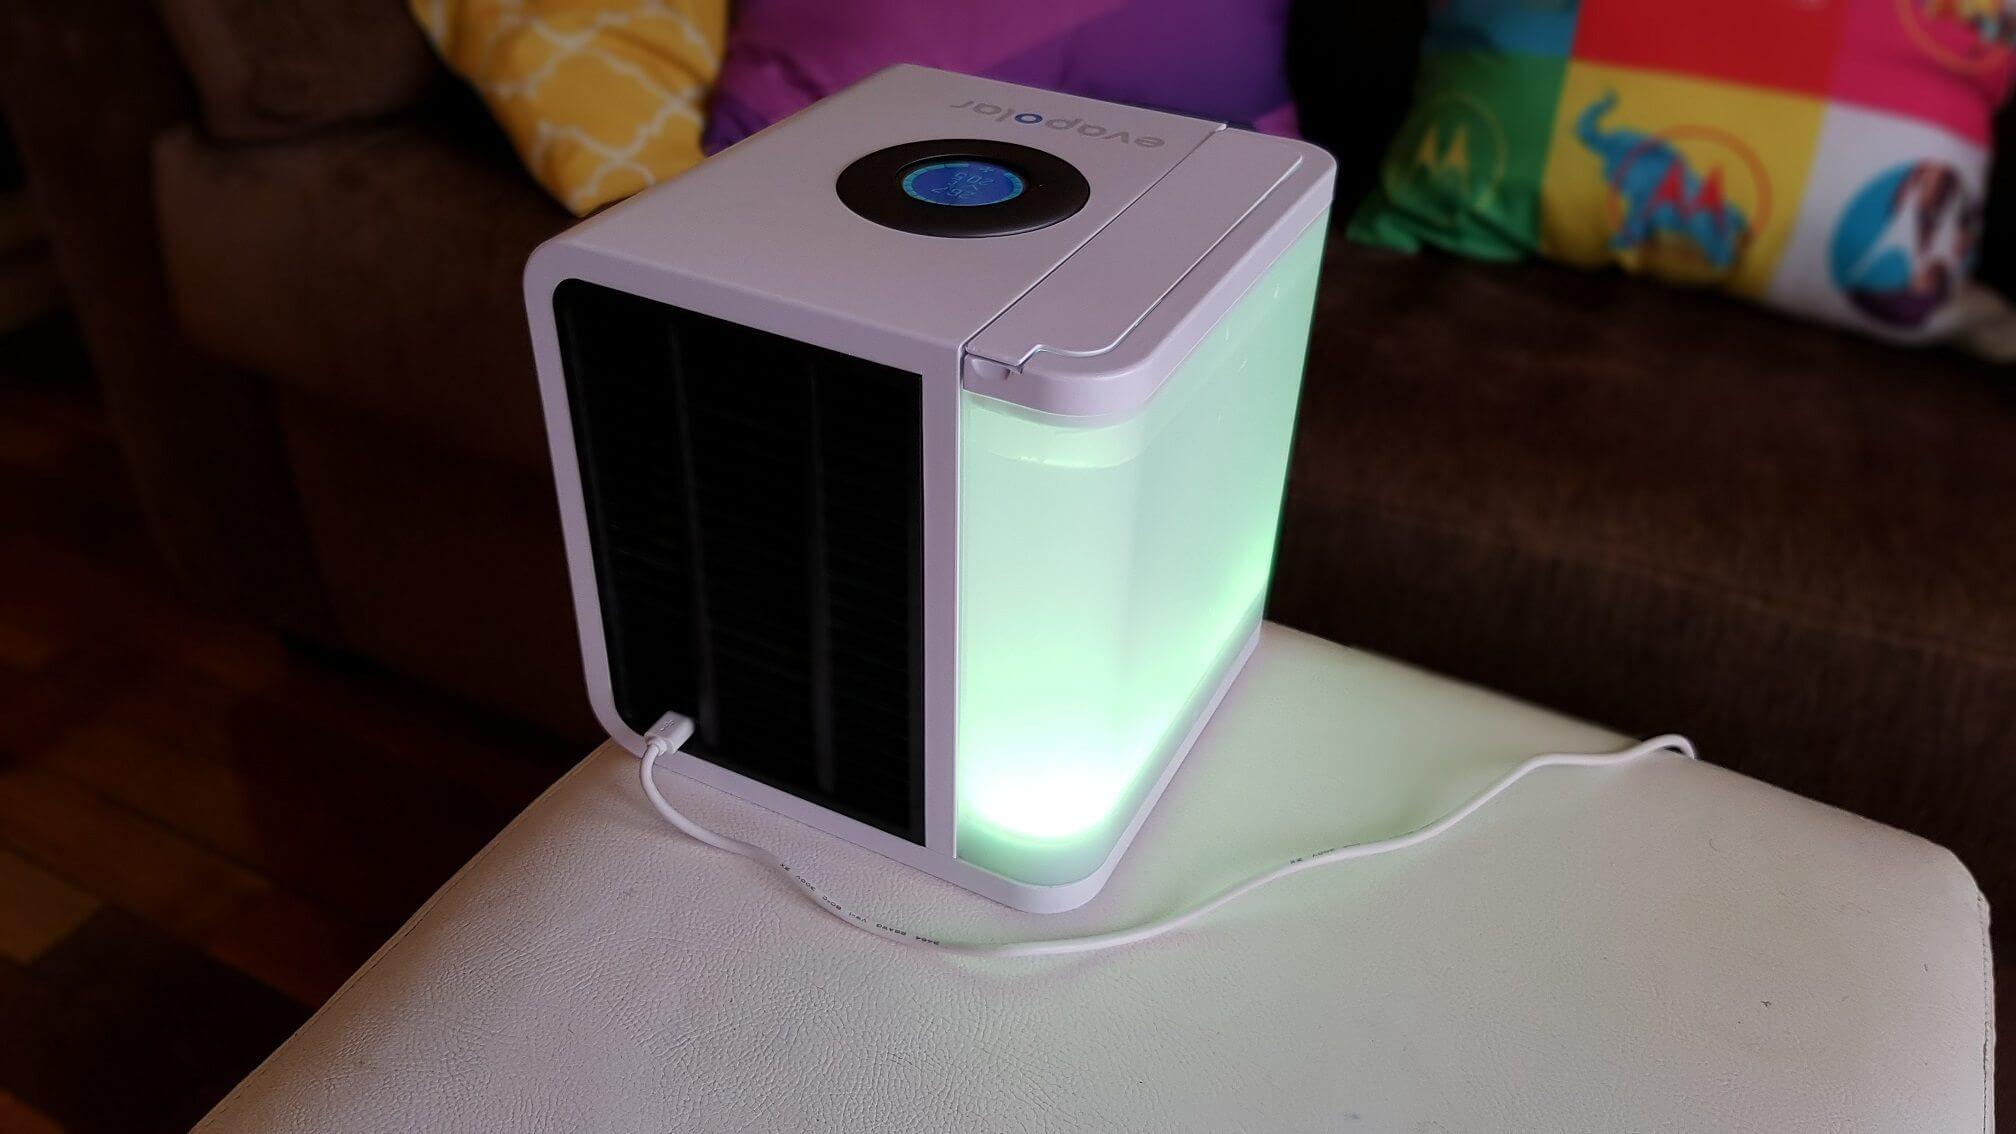 Evapolar 8 - Evapolar inicia campanha para segunda geração do seu purificador de ar portátil